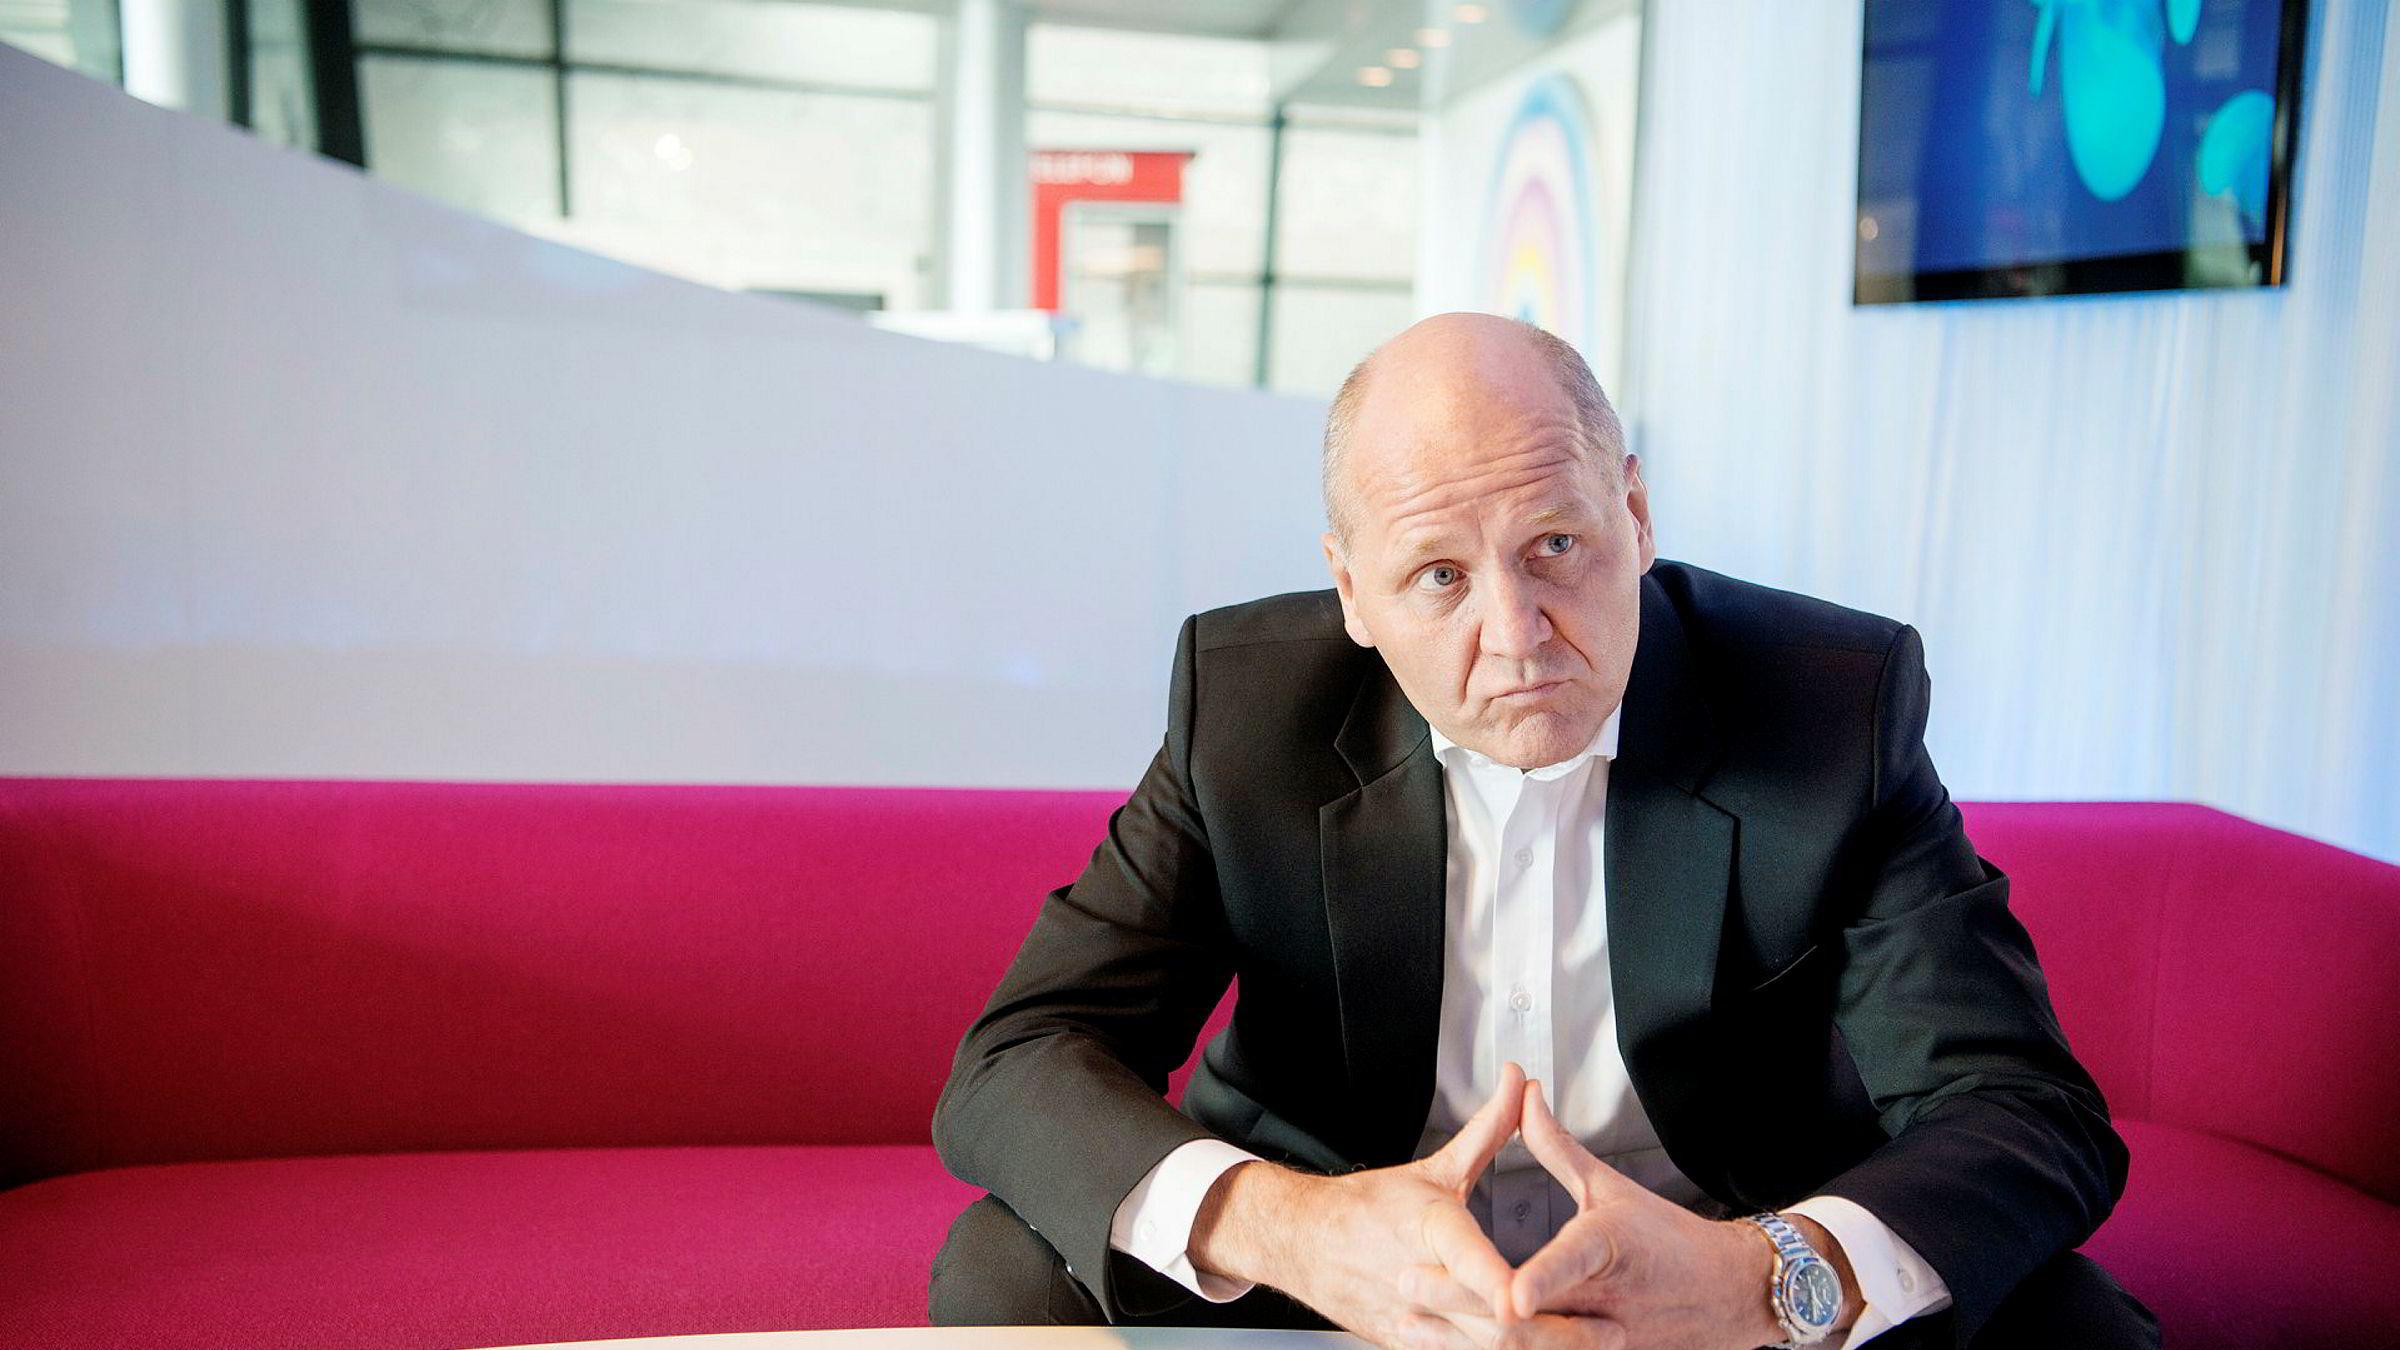 Konsernsjef Sigve Brekke i Telenor er uenig i kravet fra de indiske myndighetene.